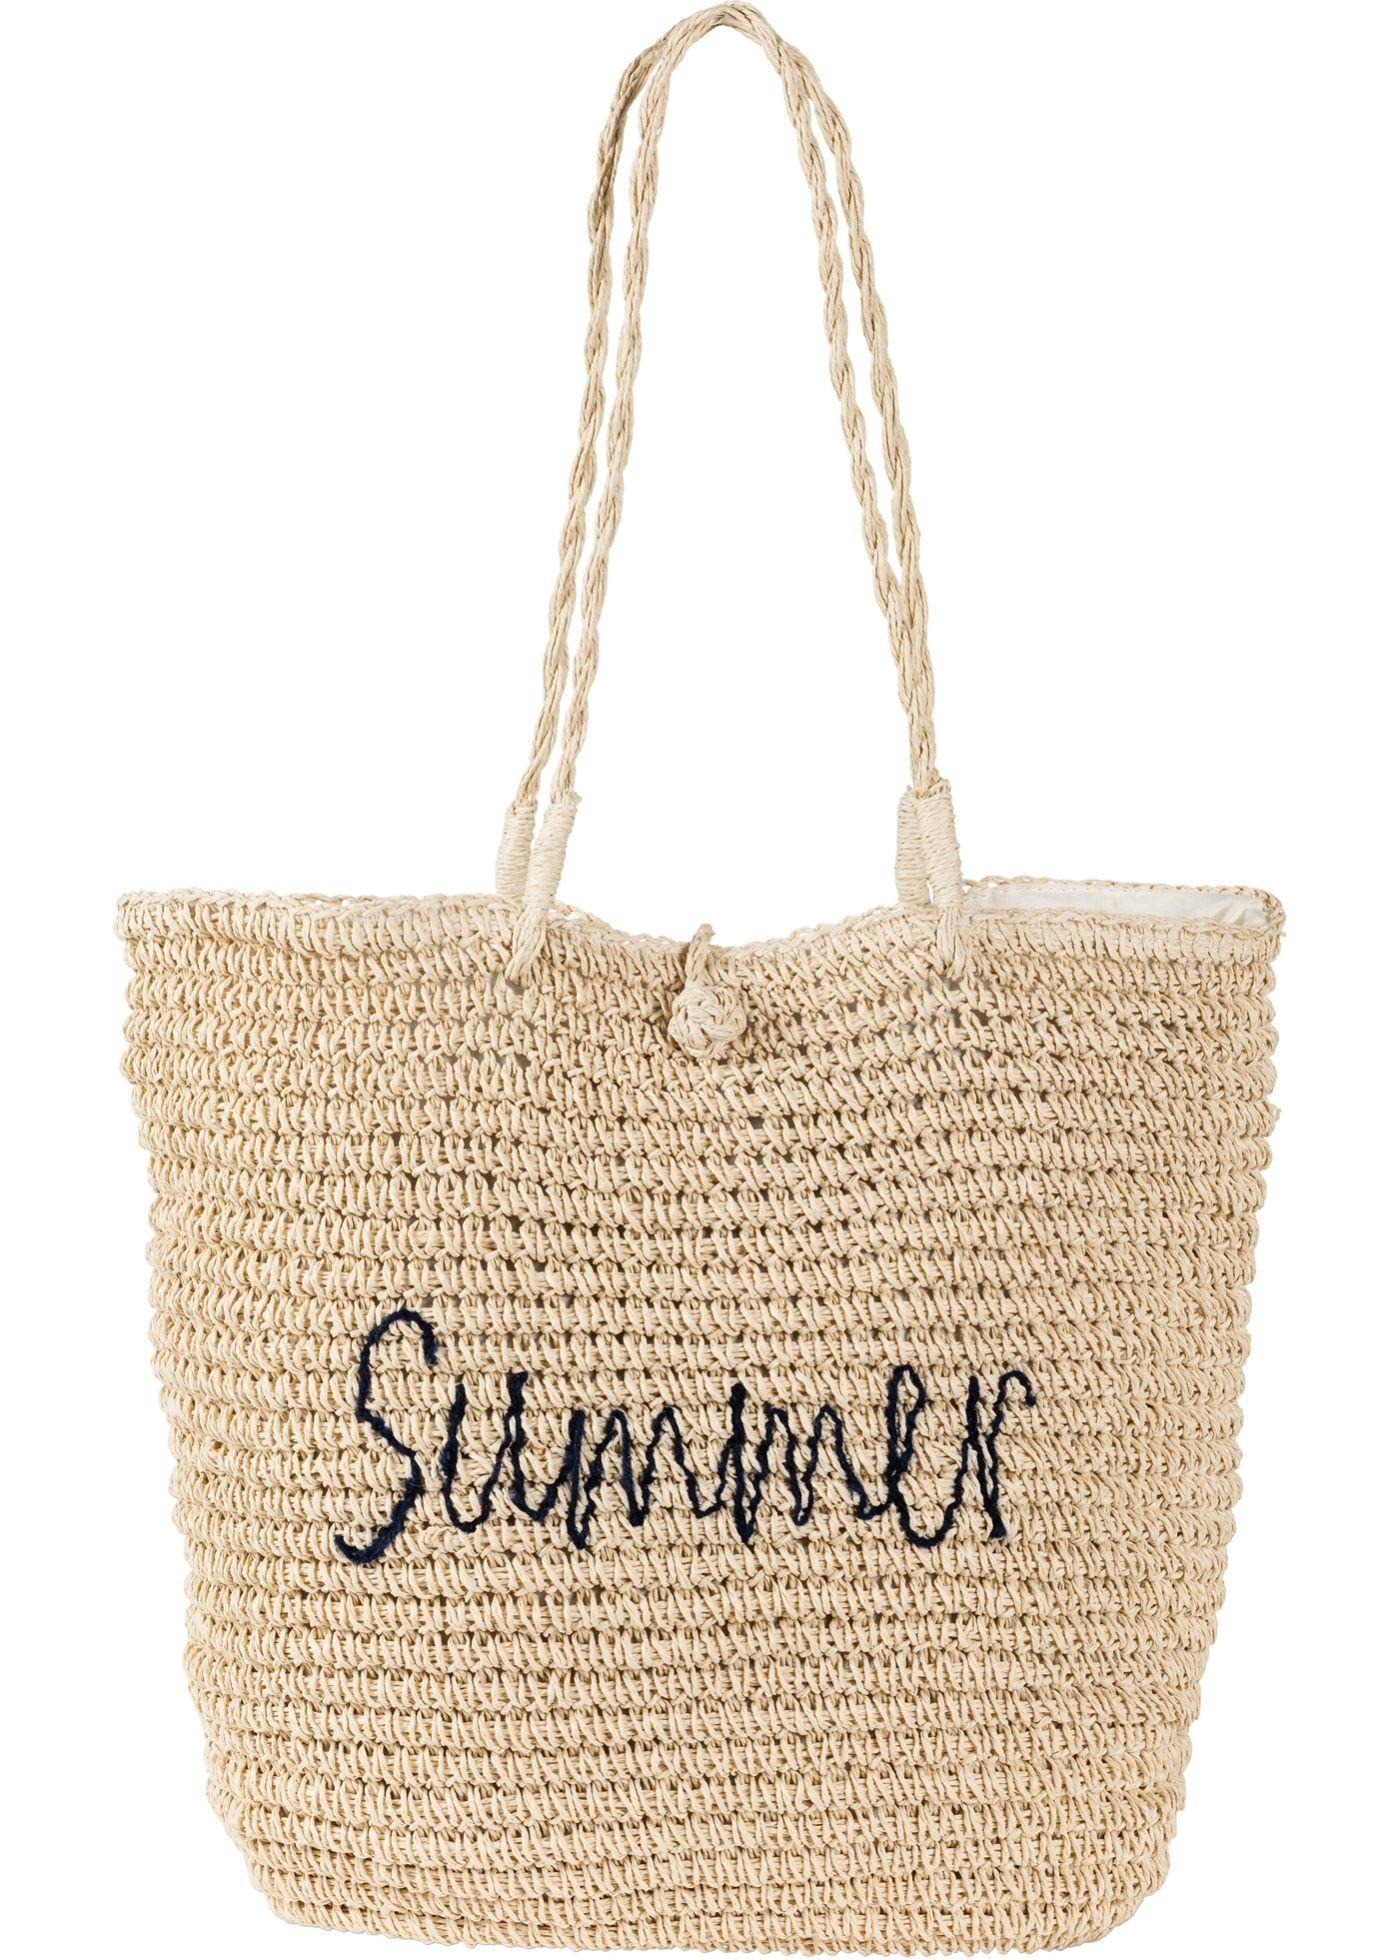 e1bdb67483cab Ein zuverlässiger Begleiter für den Besuch am Strand oder im Freibad ist  die Strandtasche. Der